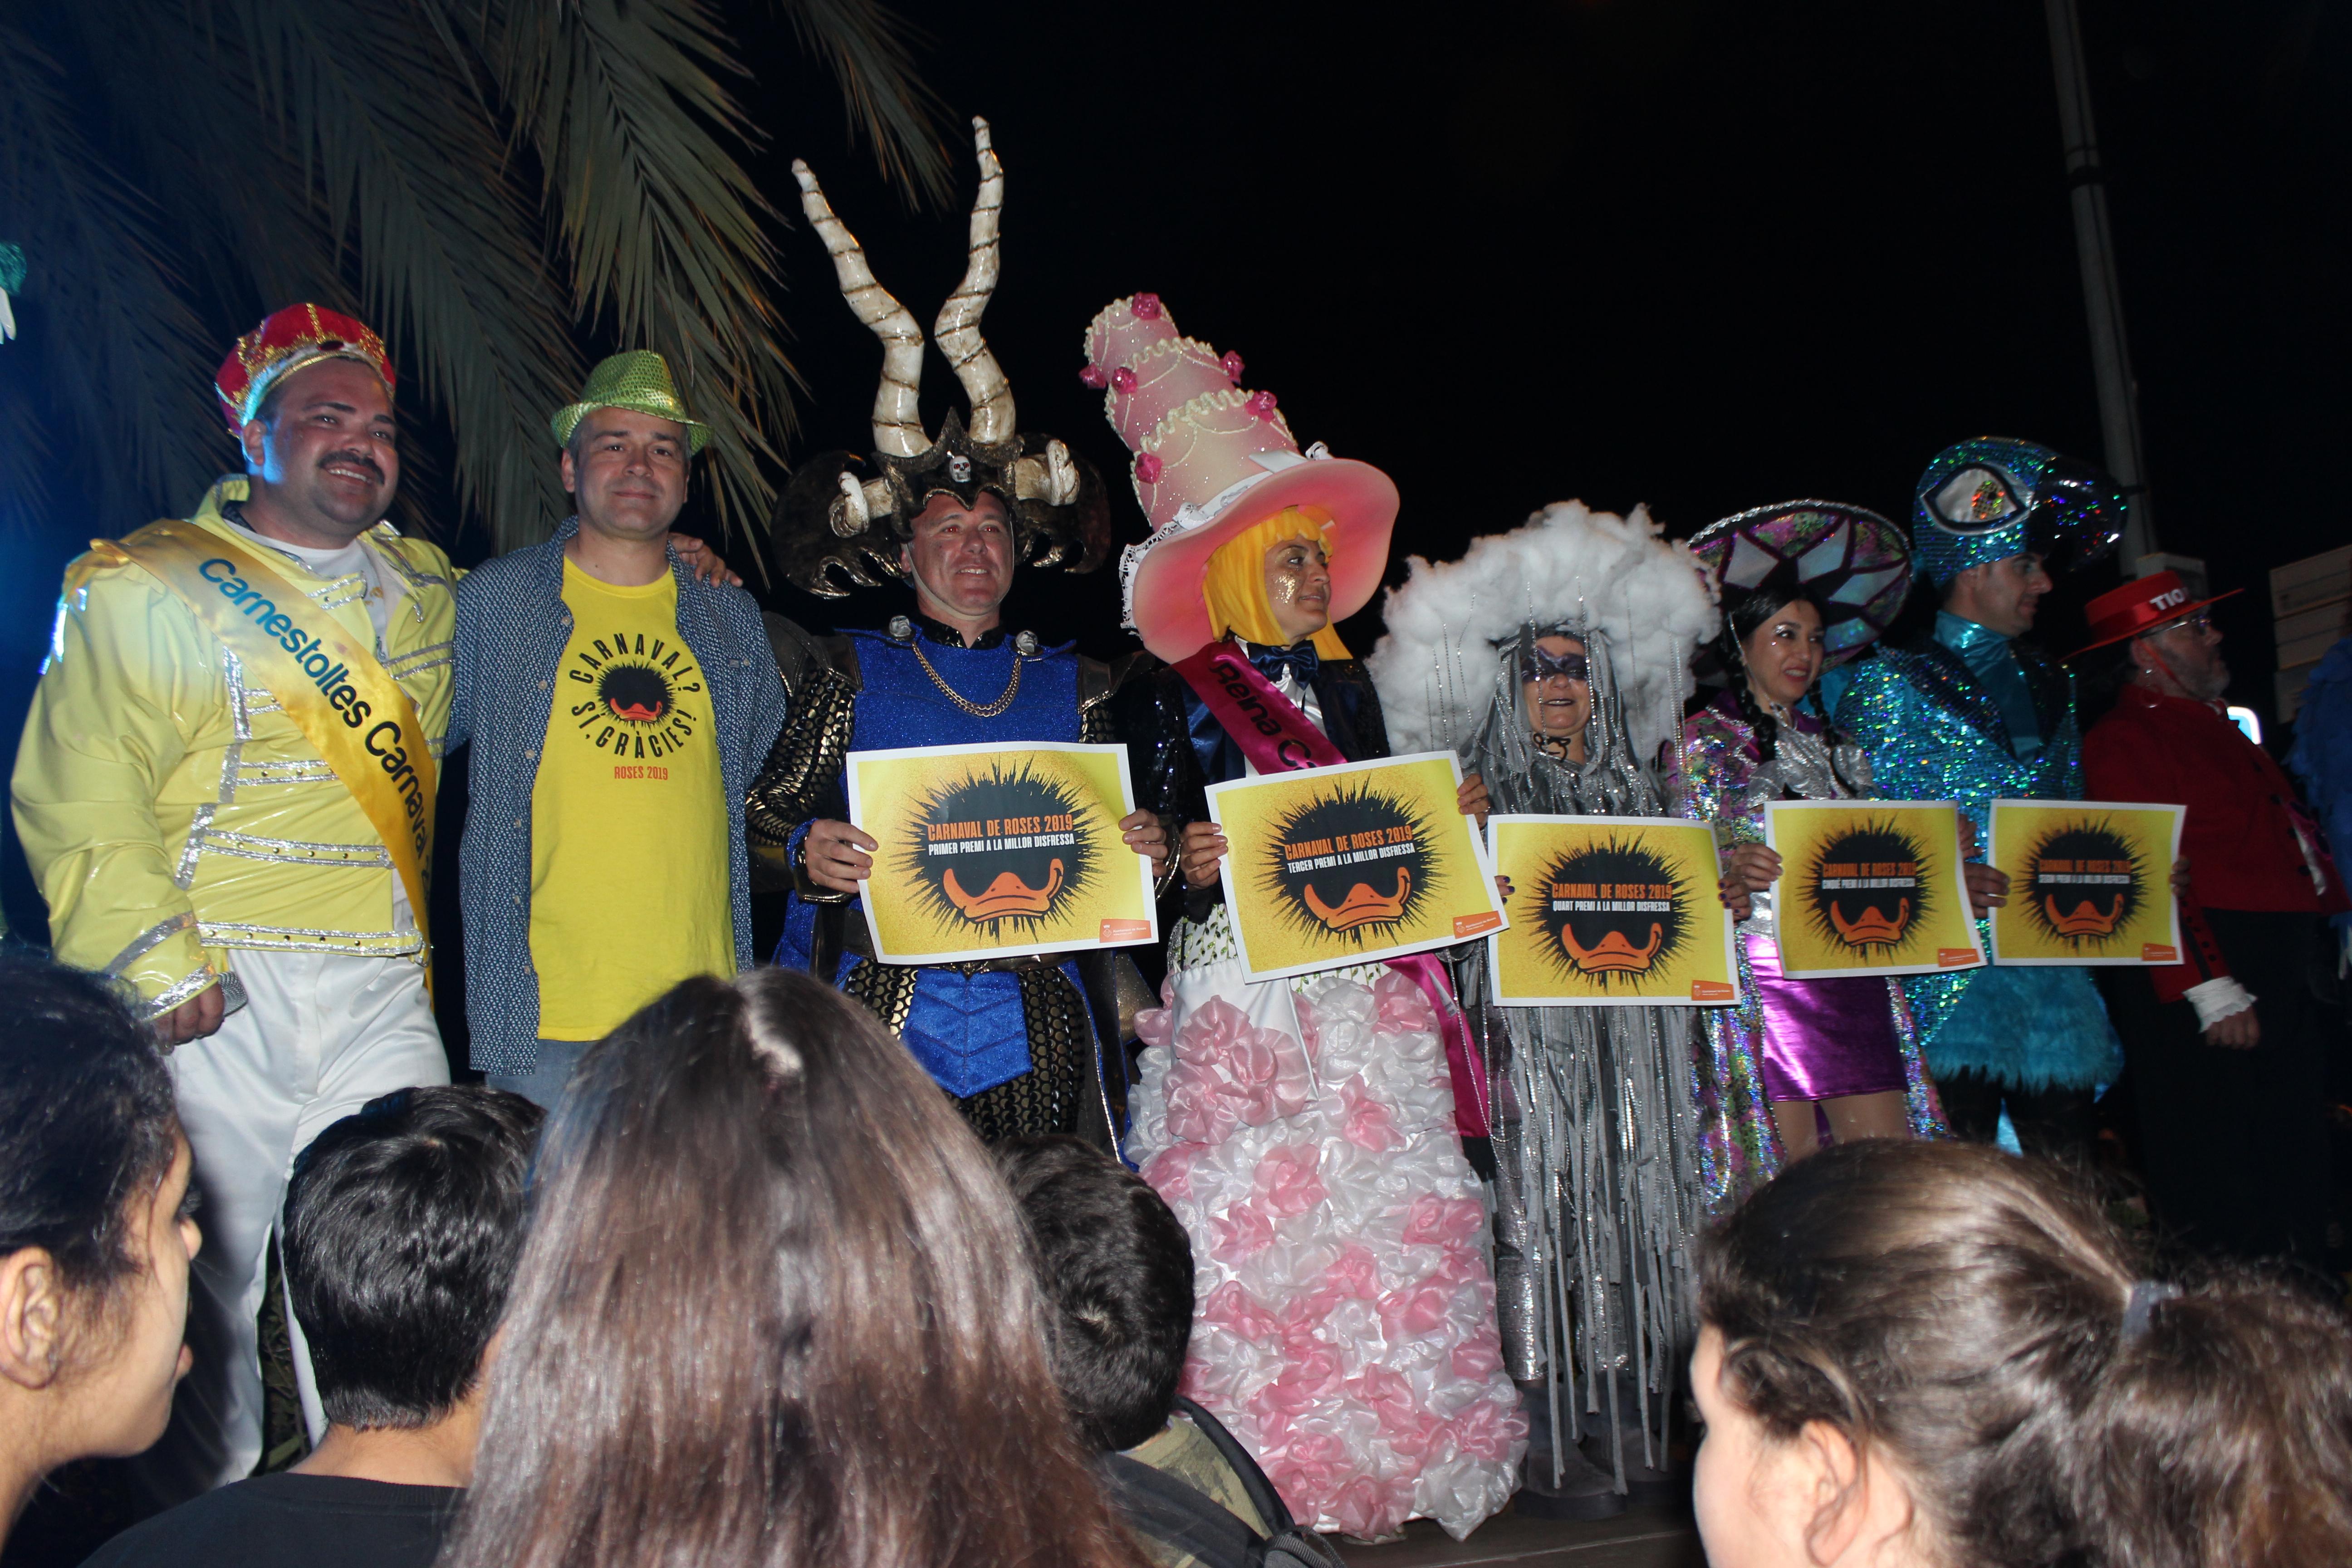 La Colla del Tech i Los Nenucos guanyadors dels premis del Carnaval de Roses 2019